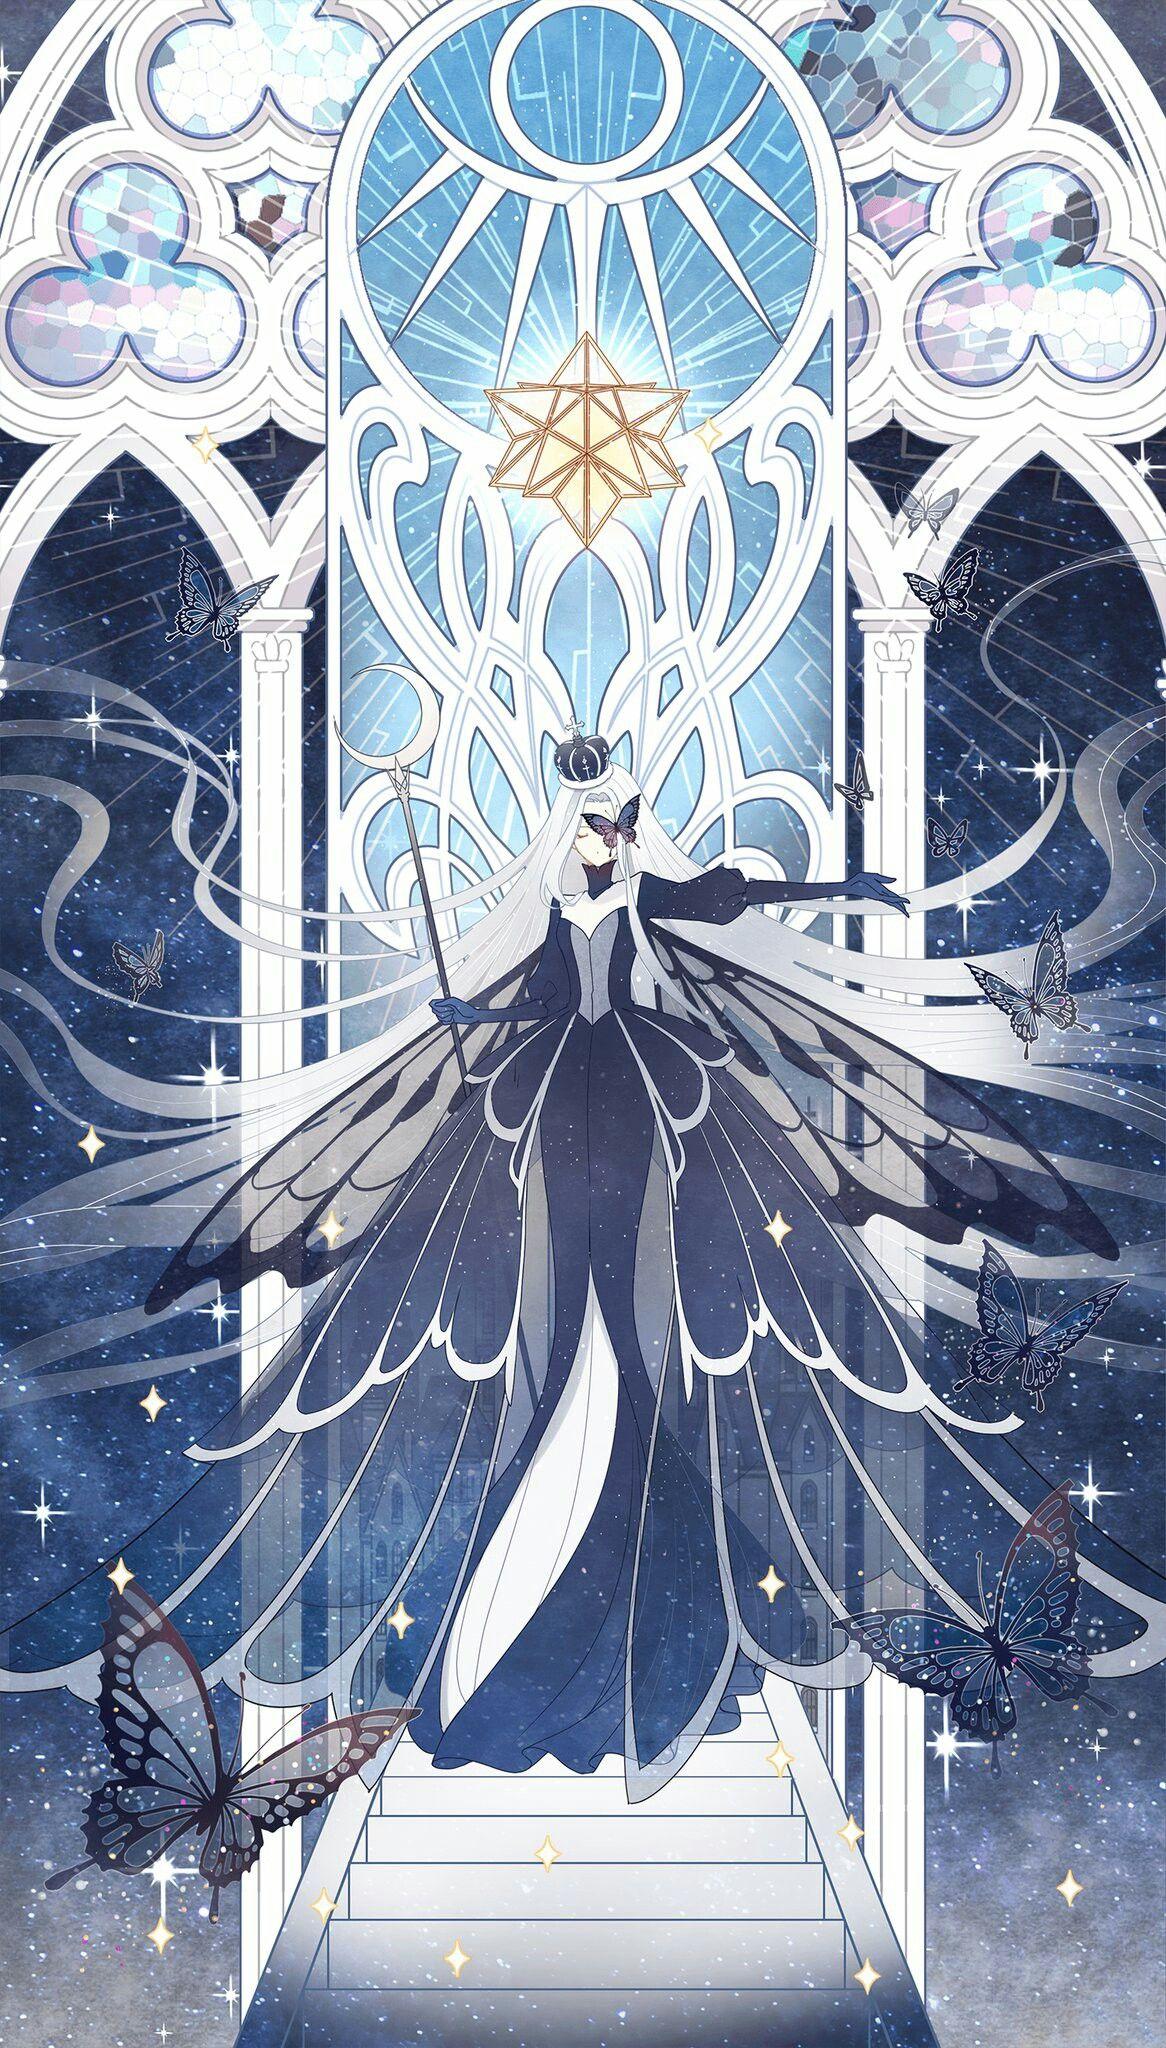 Cre Love Nikki Dress Up Queen Anime Art Girl Anime Wallpaper Anime Art